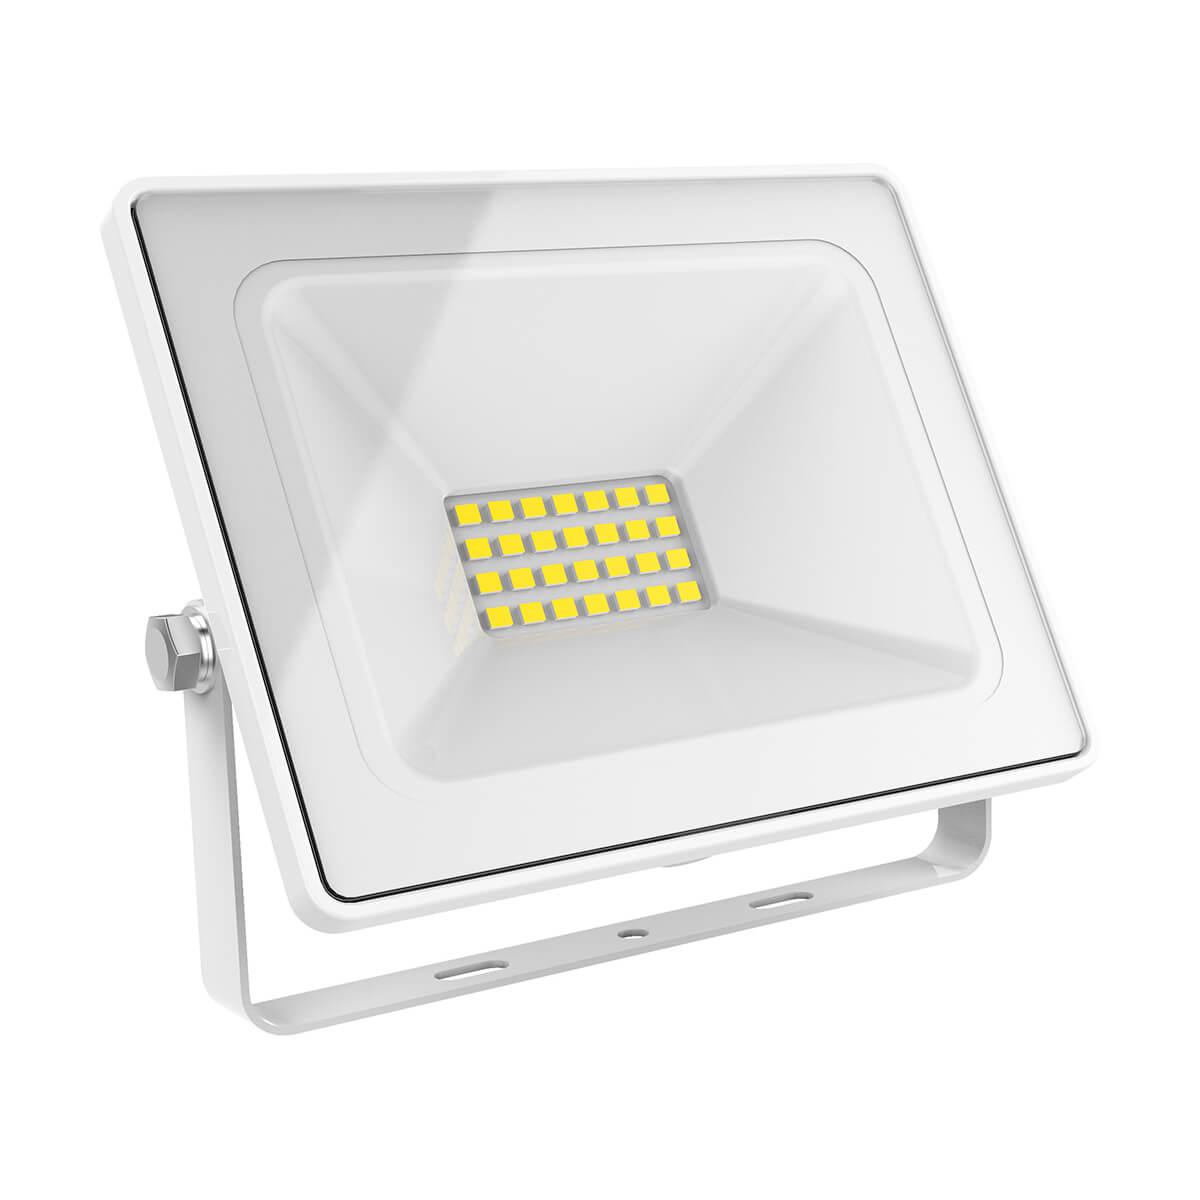 Прожектор светодиодный Gauss Slim 30W 6500К 613120330 все цены